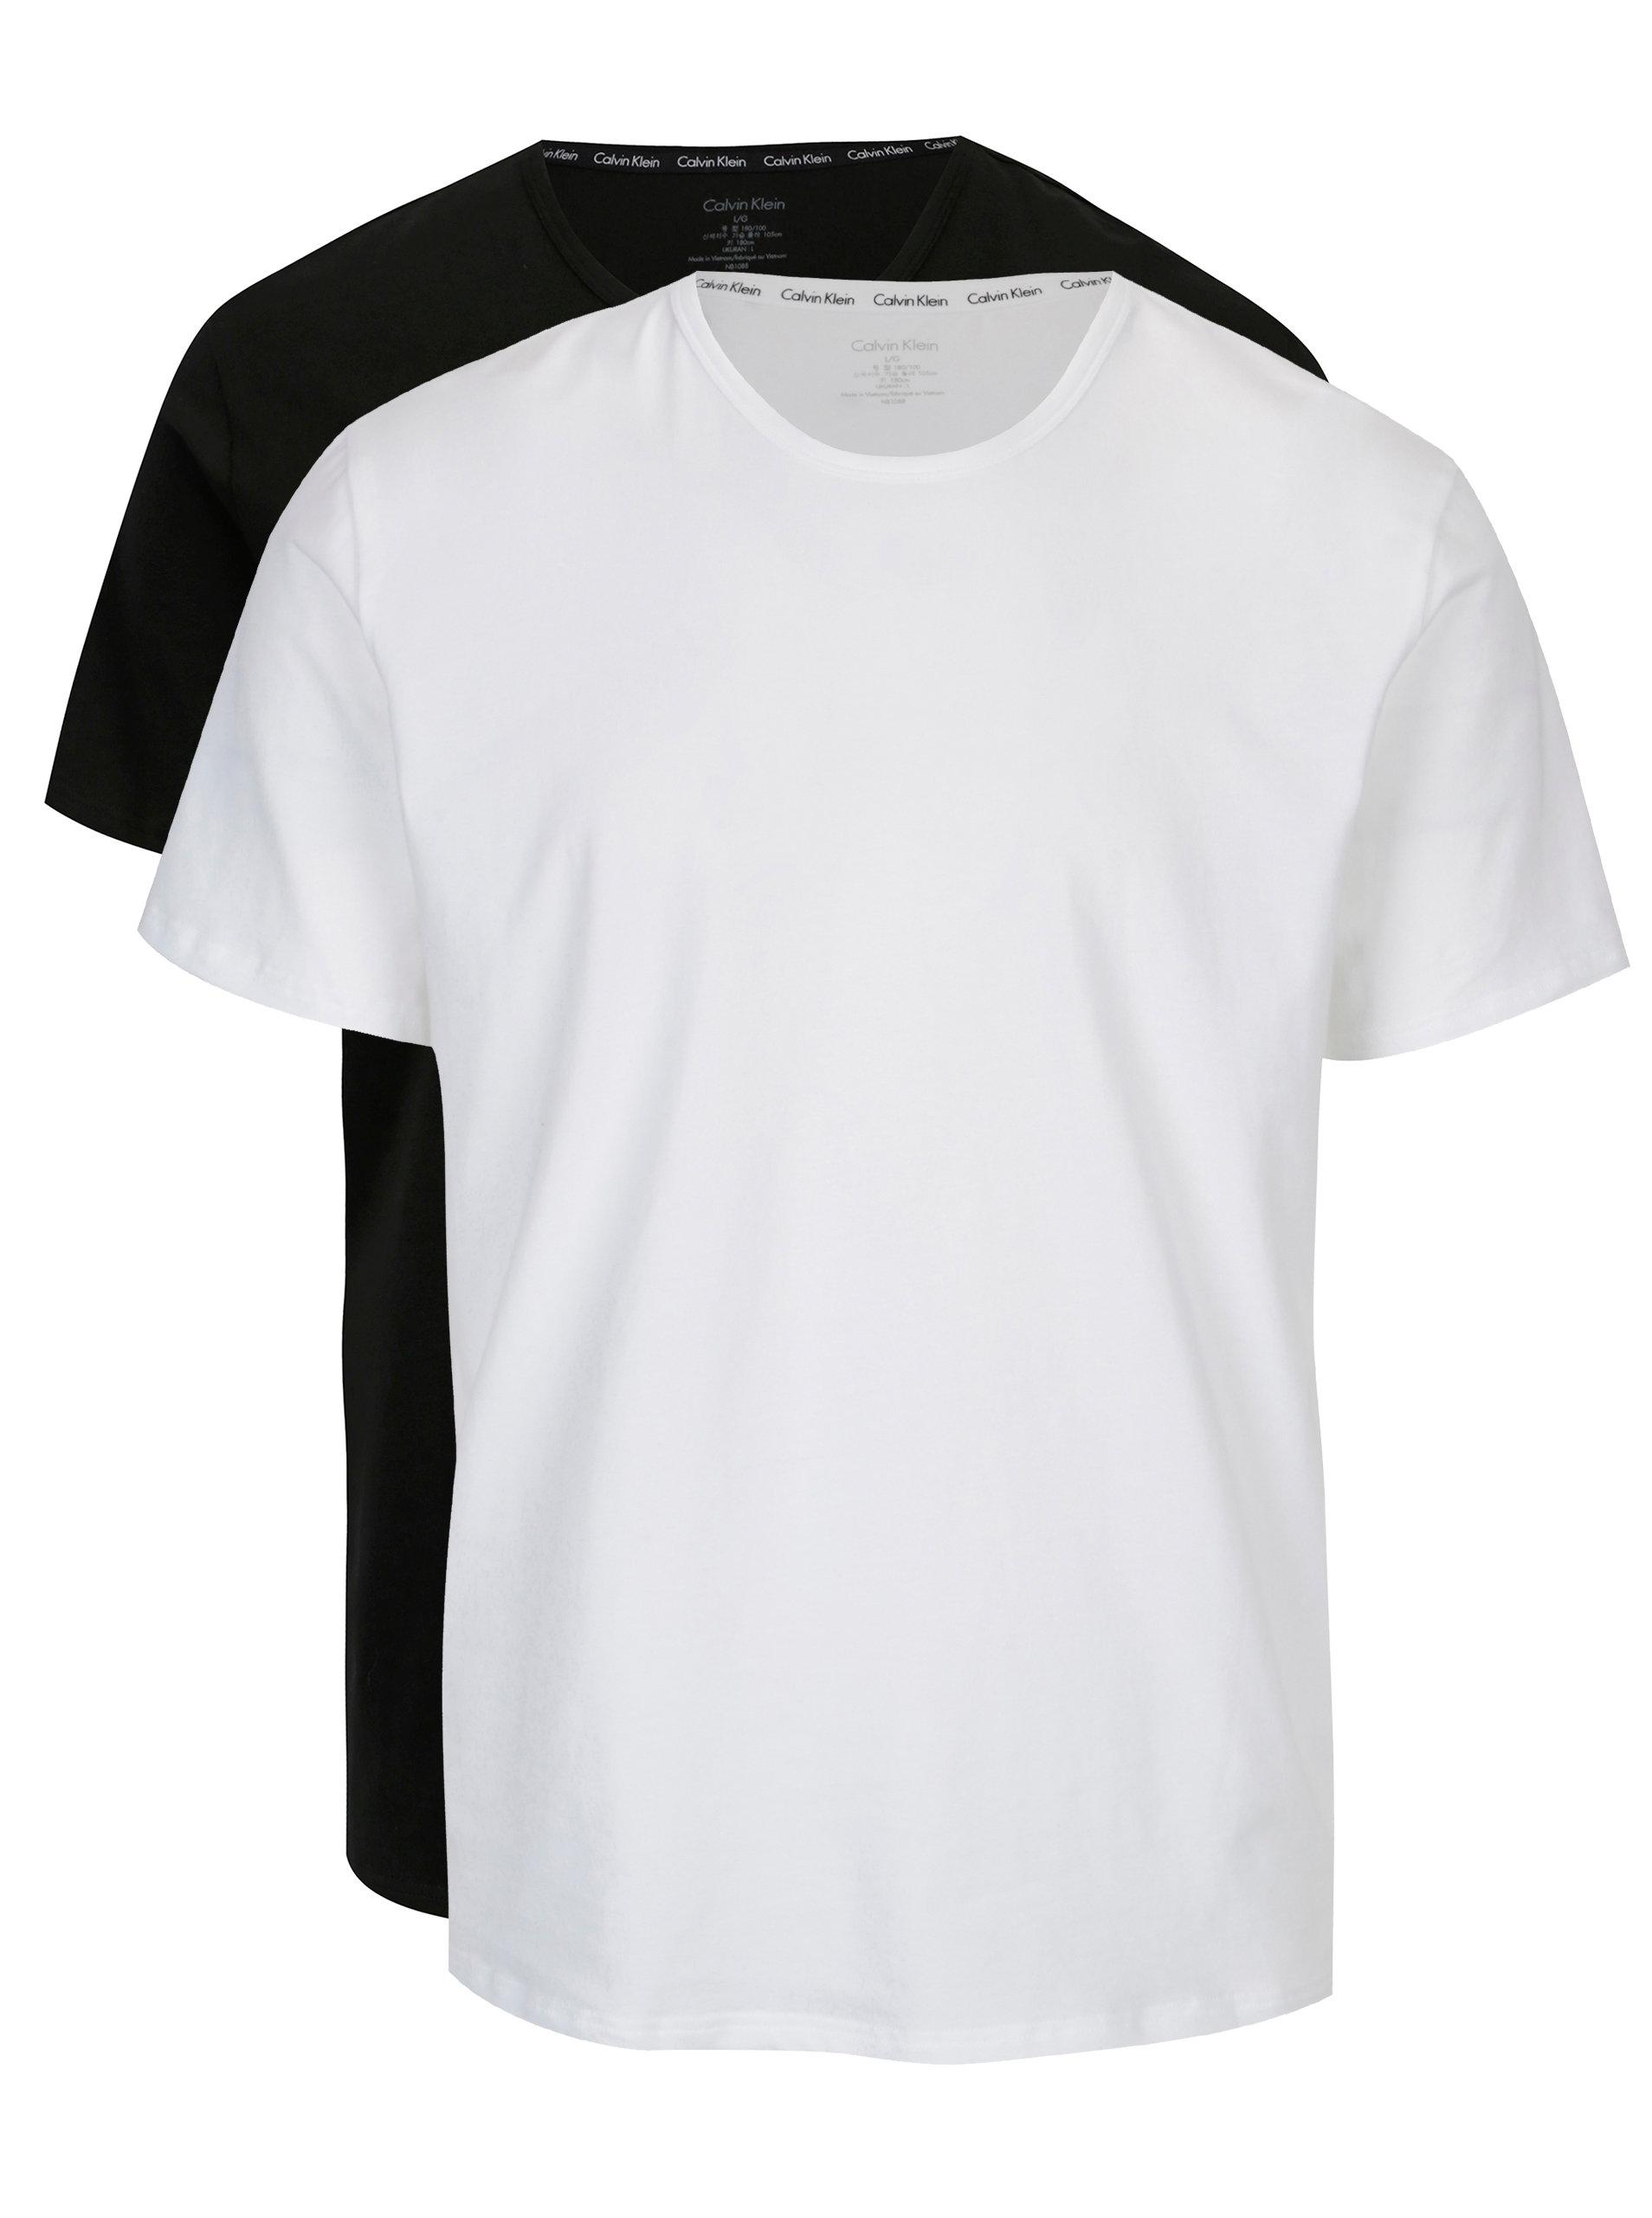 c6a546b876 Súprava dvoch pánskych modern fit tričiek v čiernej a bielej farbe Calvin  Klein Underwear ...